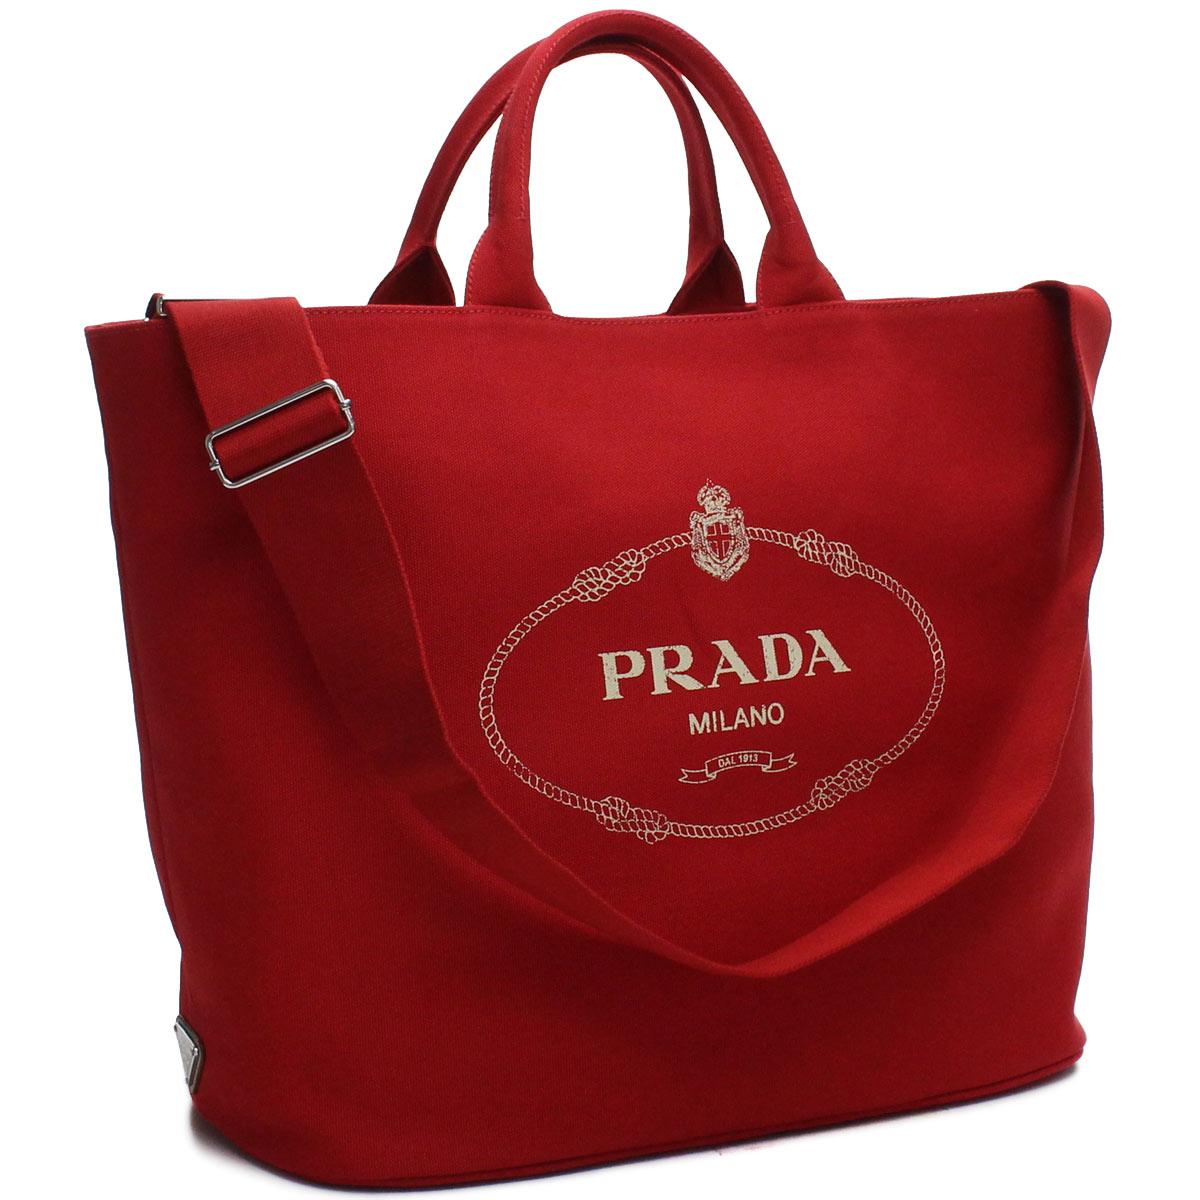 プラダ PRADA カナパ ショッピング トートバッグ 1BG161 ZKI V OOO F0011 ROSSO レッド系 レディース